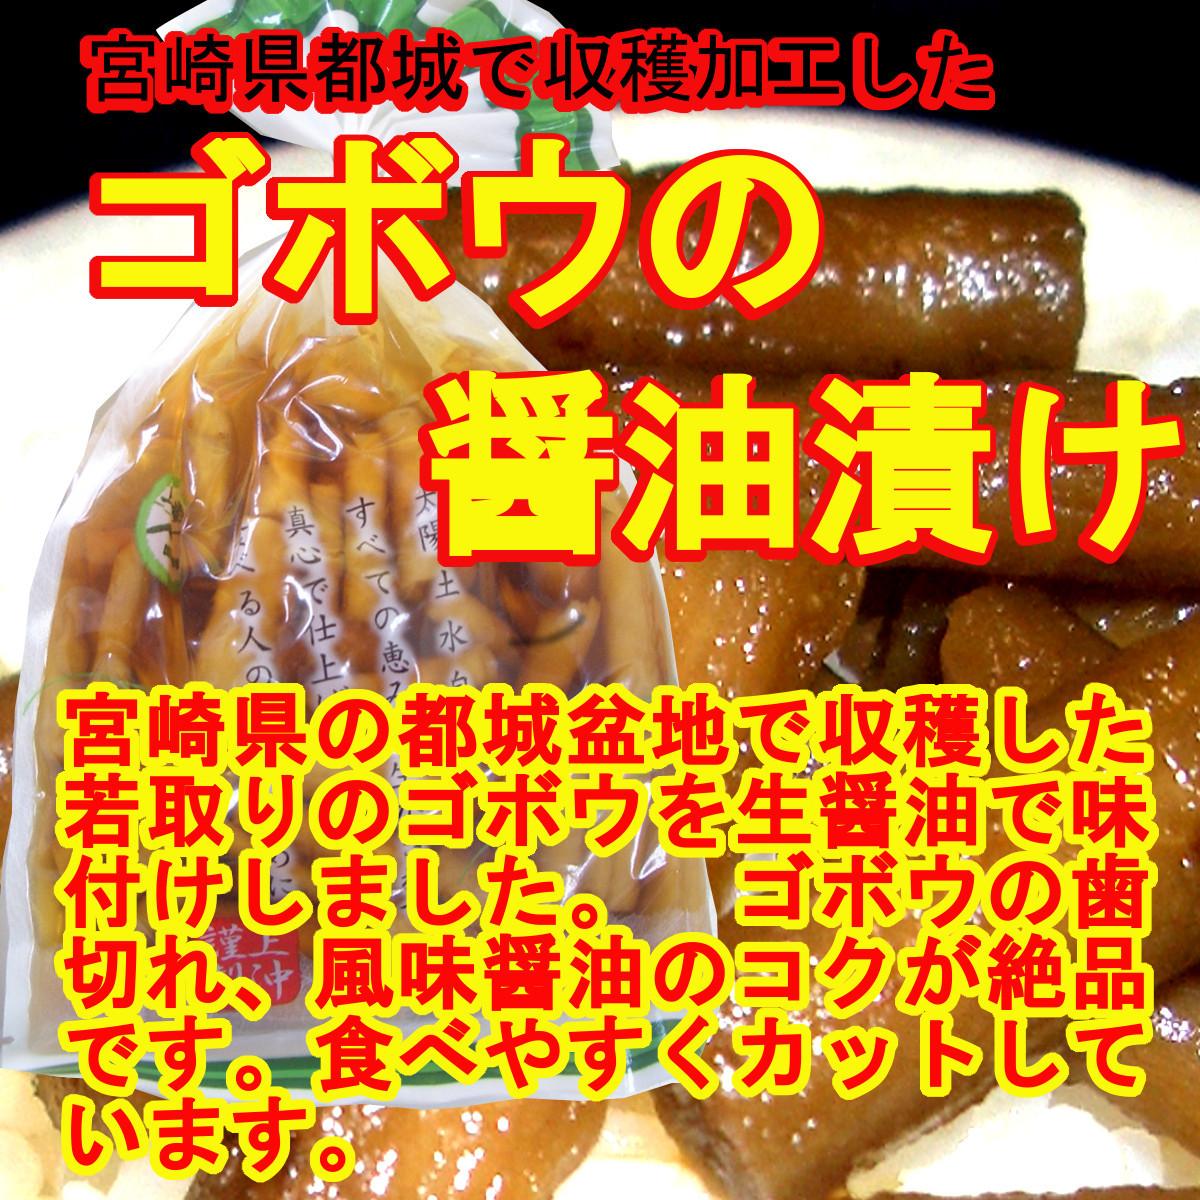 ゴボウの醤油漬け 20袋 ご飯のお供 宮崎県産ゴボウの漬物 おかず おつまみ お茶うけ 色んな料理の付合わせに 食べてスッキリ 送料無料 _画像2